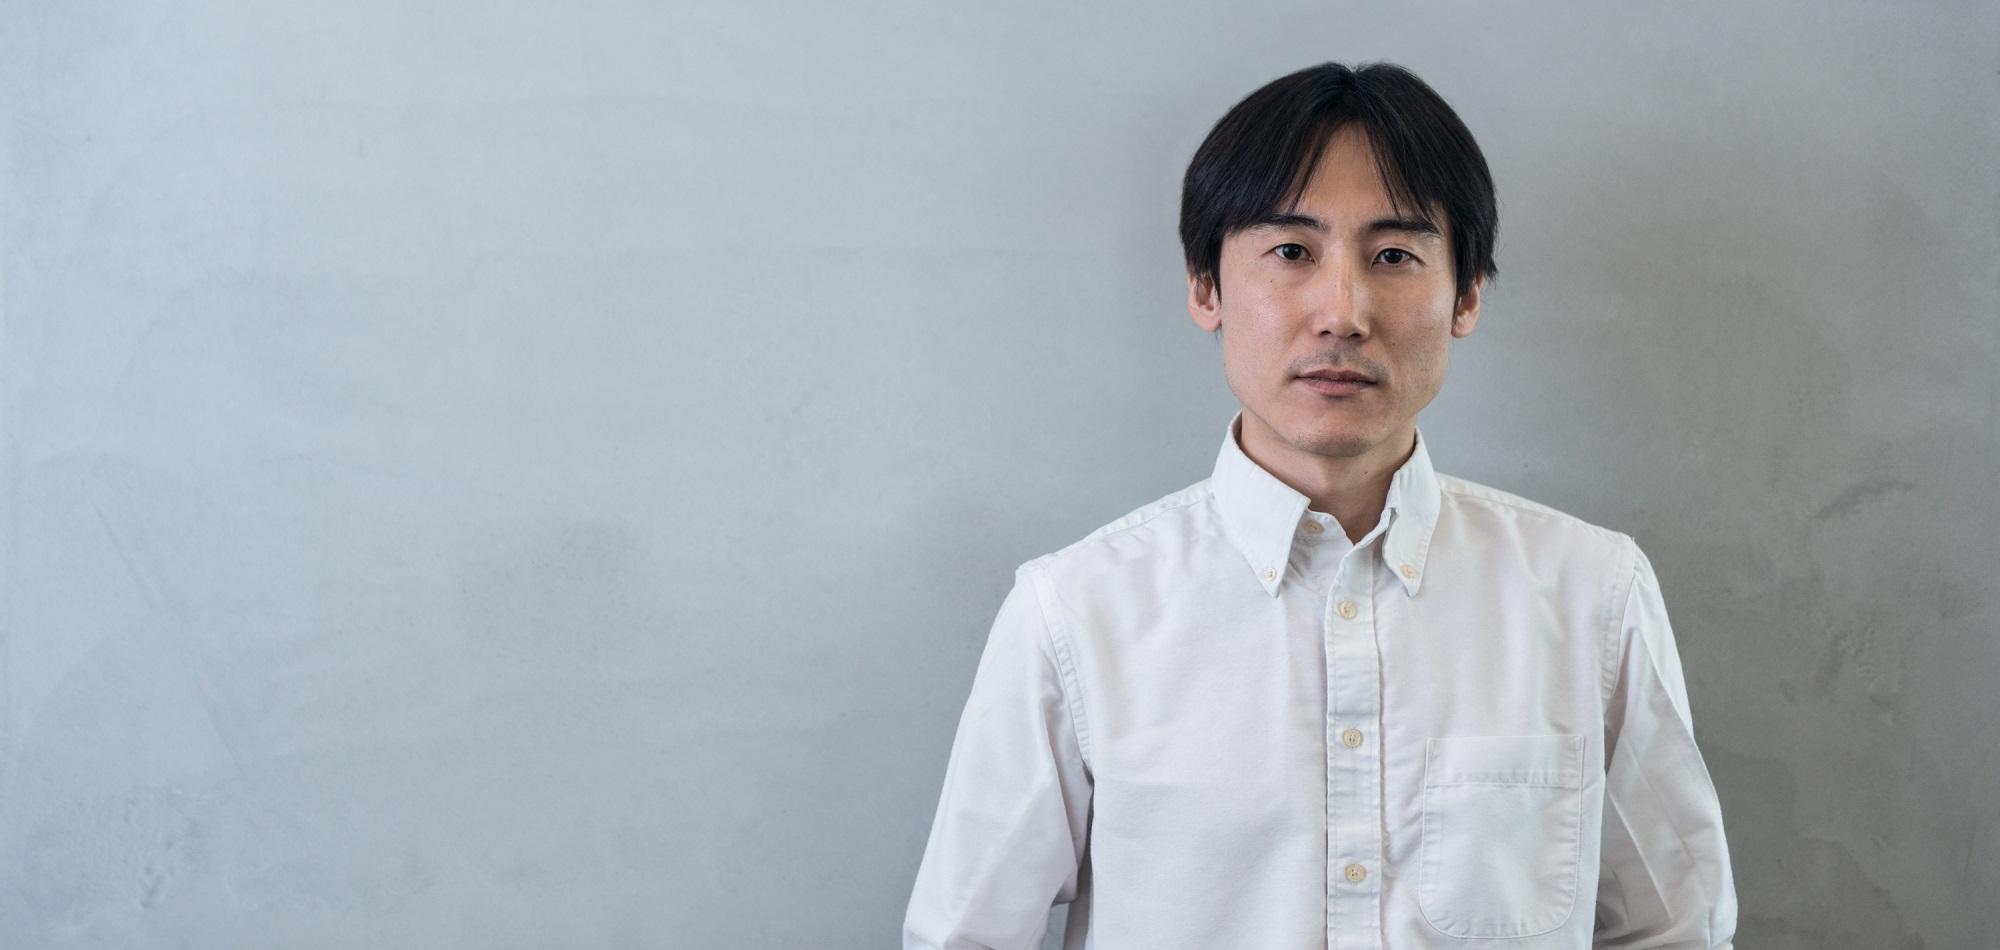 角田の写真